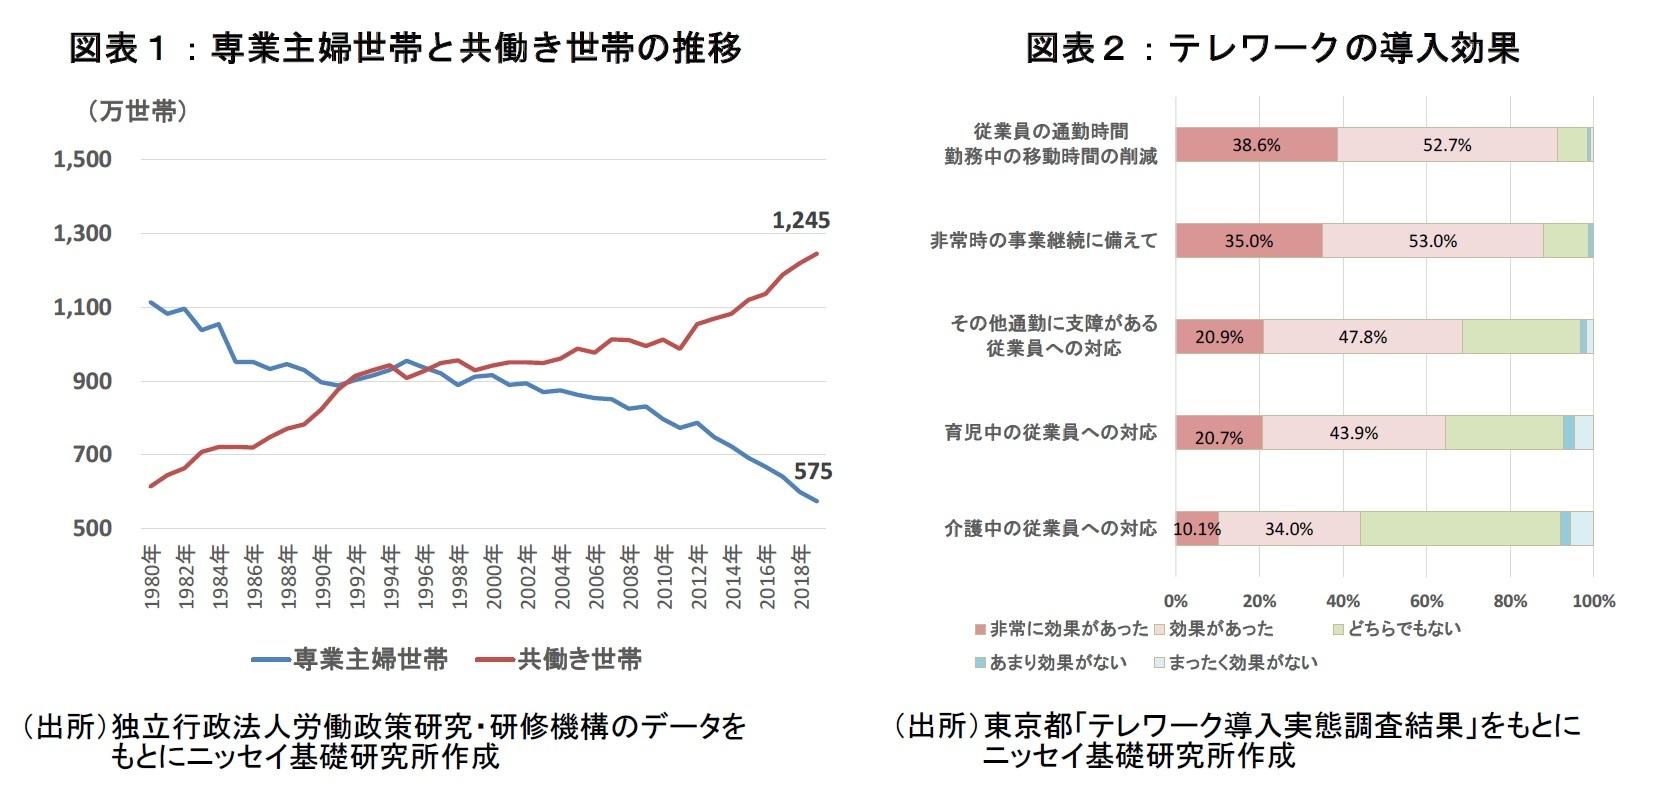 図表1:専業主婦世帯と共働き世帯の推移  図表2:テレワークの導入効果